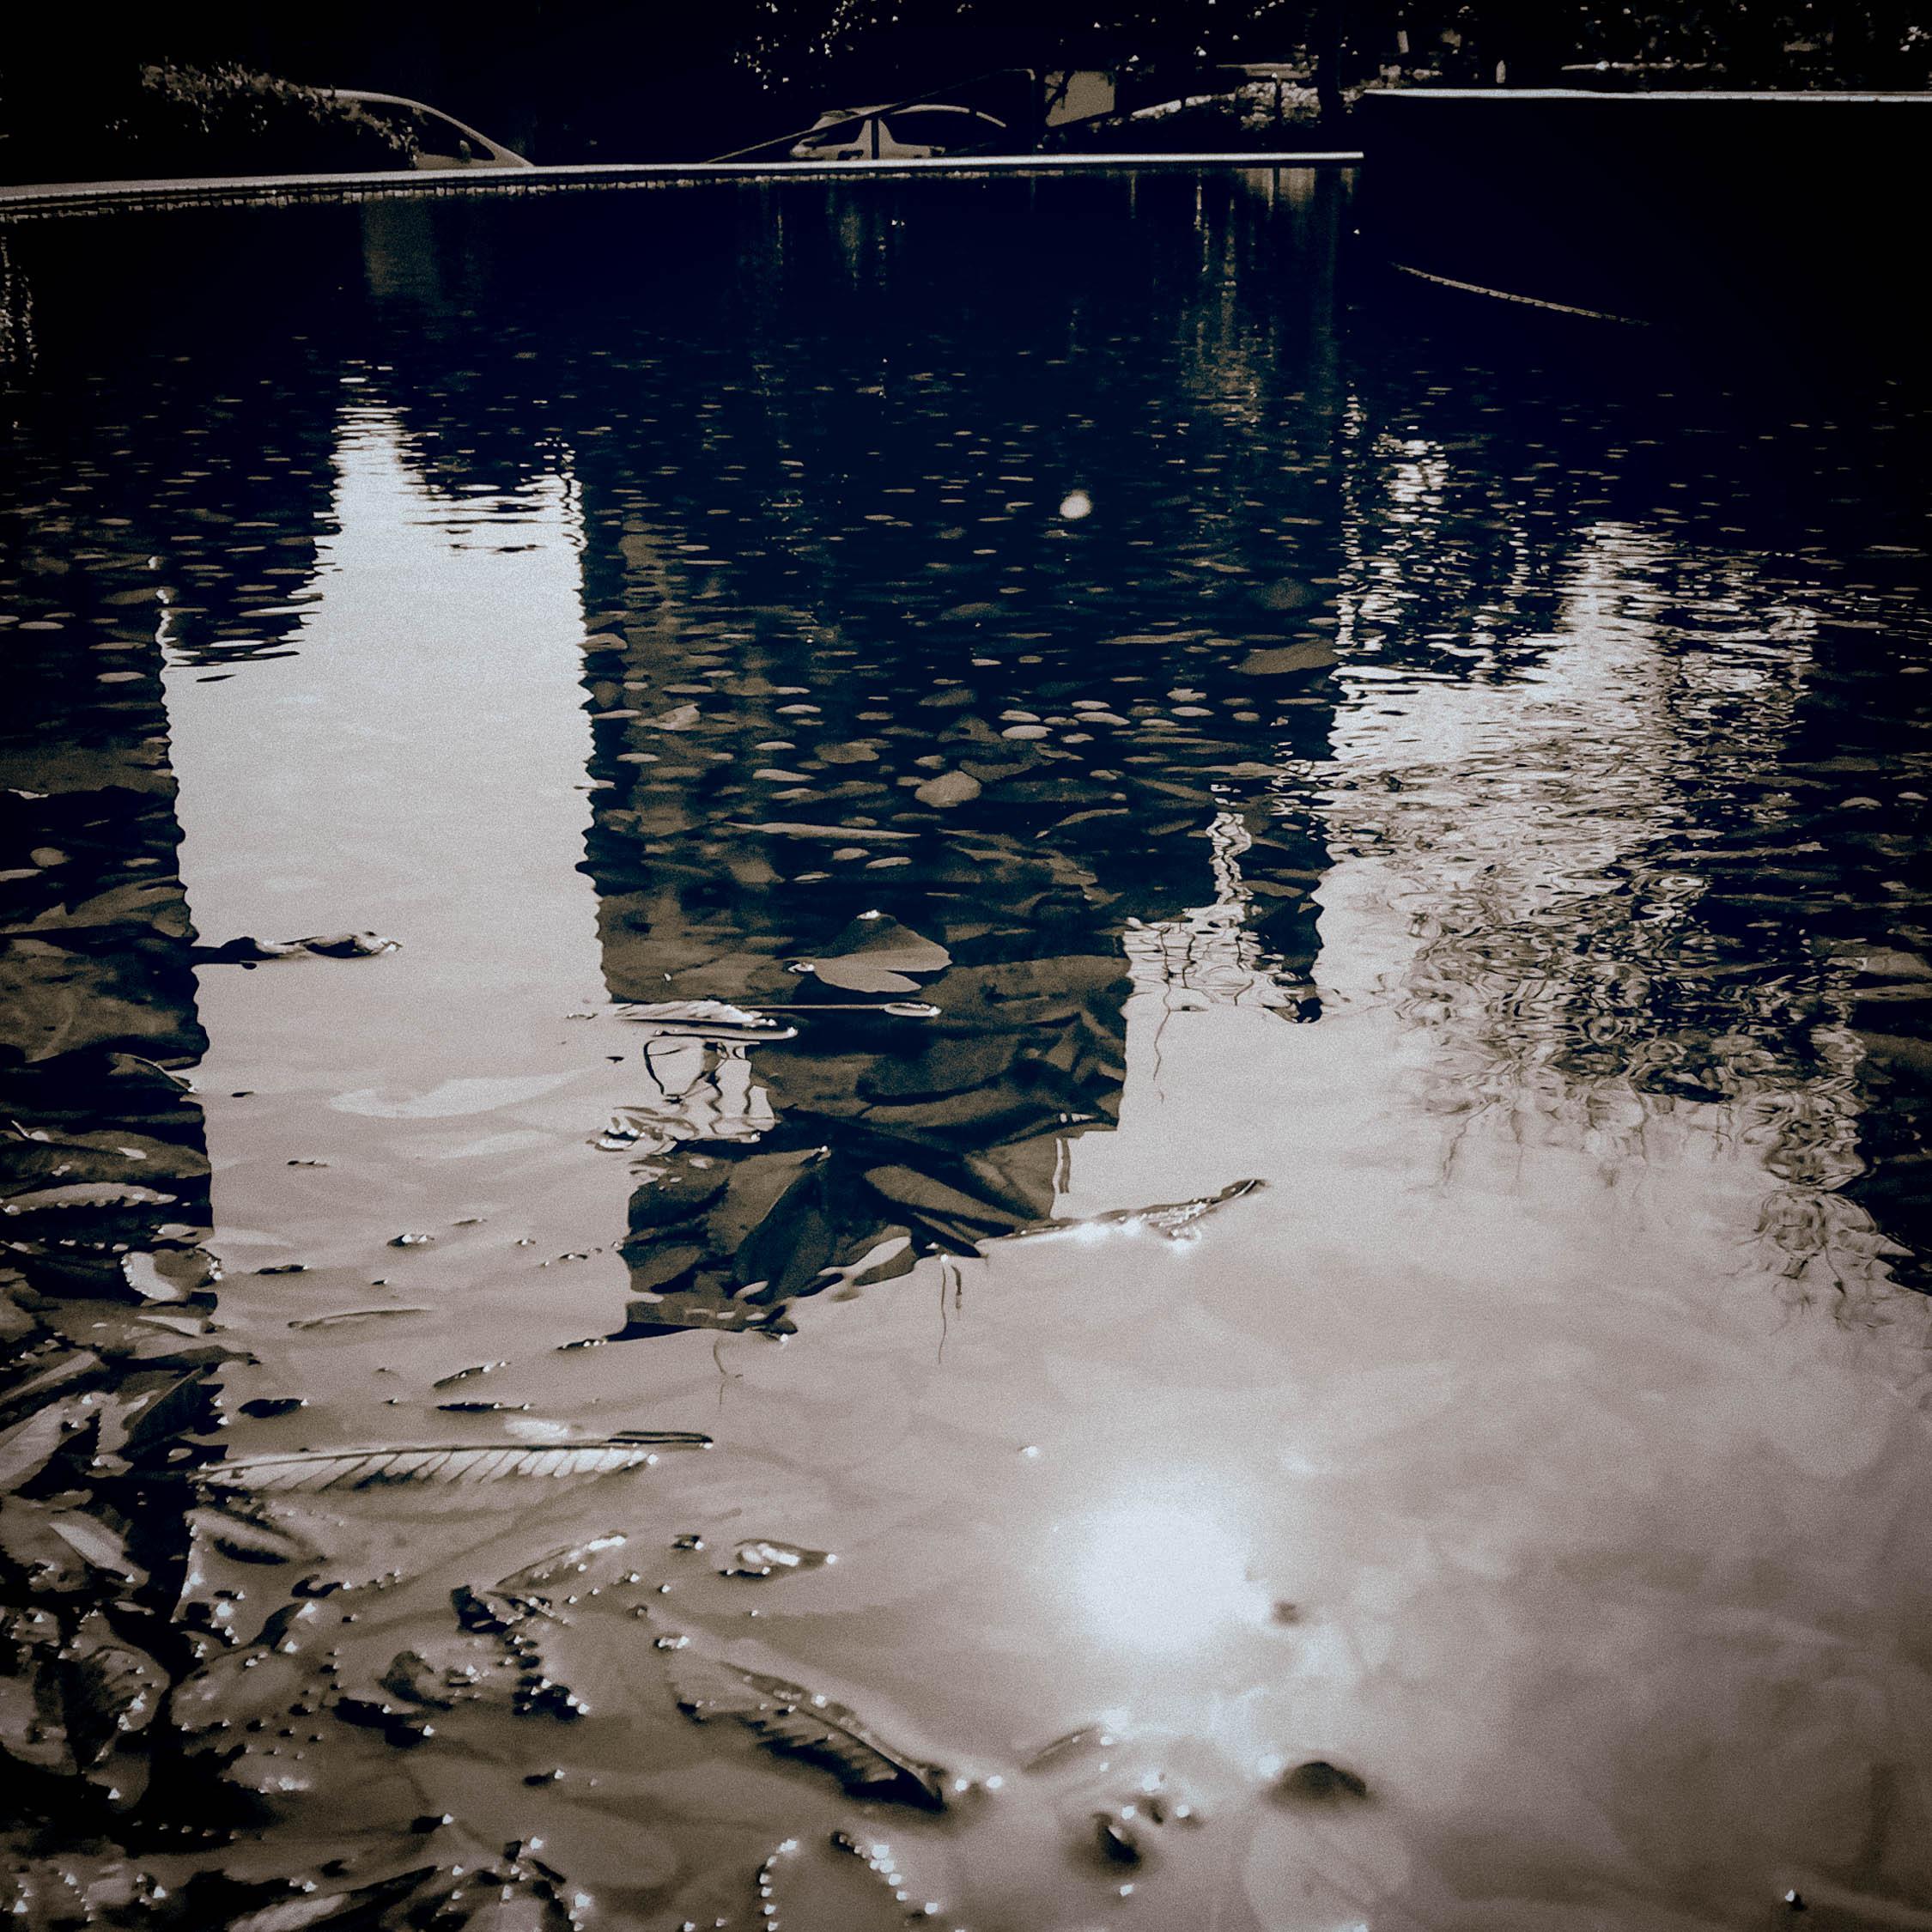 1512_0307-Edit-2.jpg